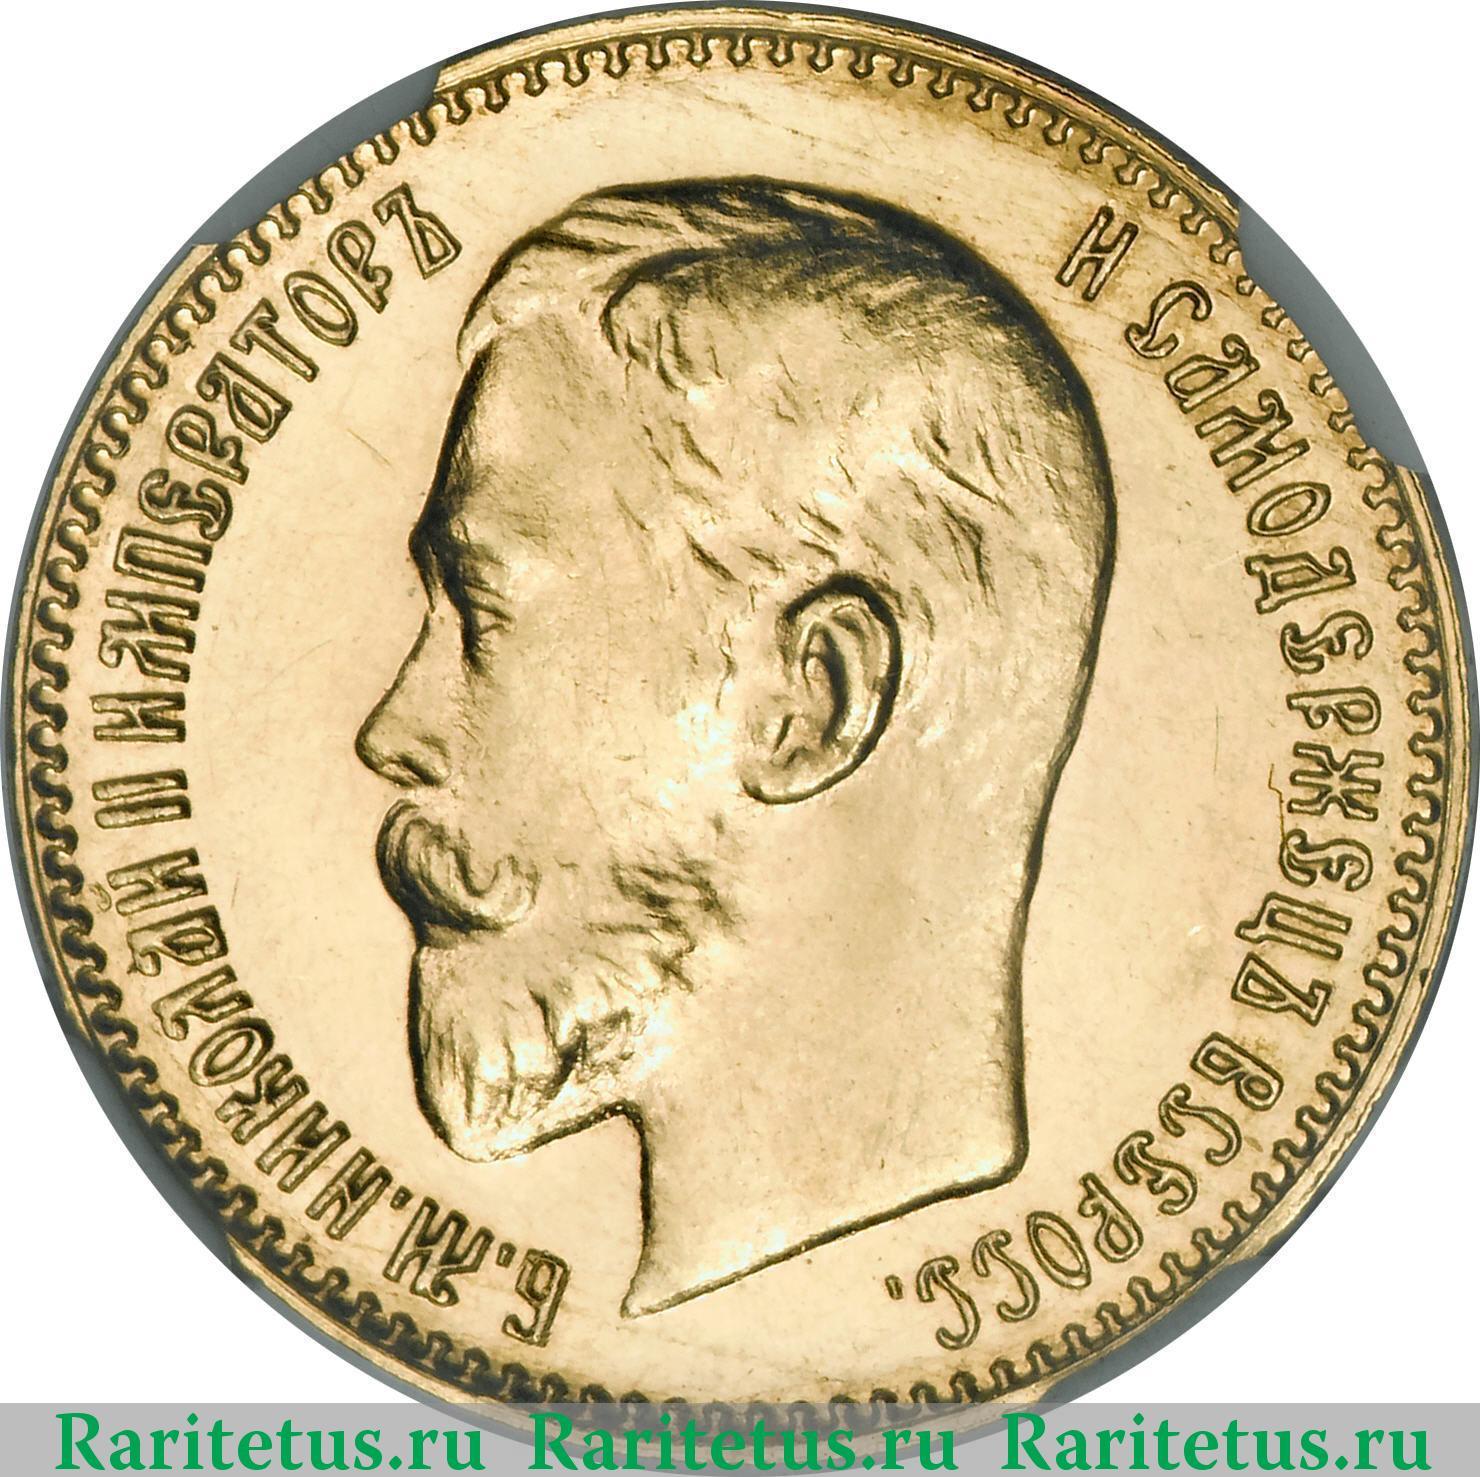 Стоимость монет николая таблица южно сахалинск коллекционеры